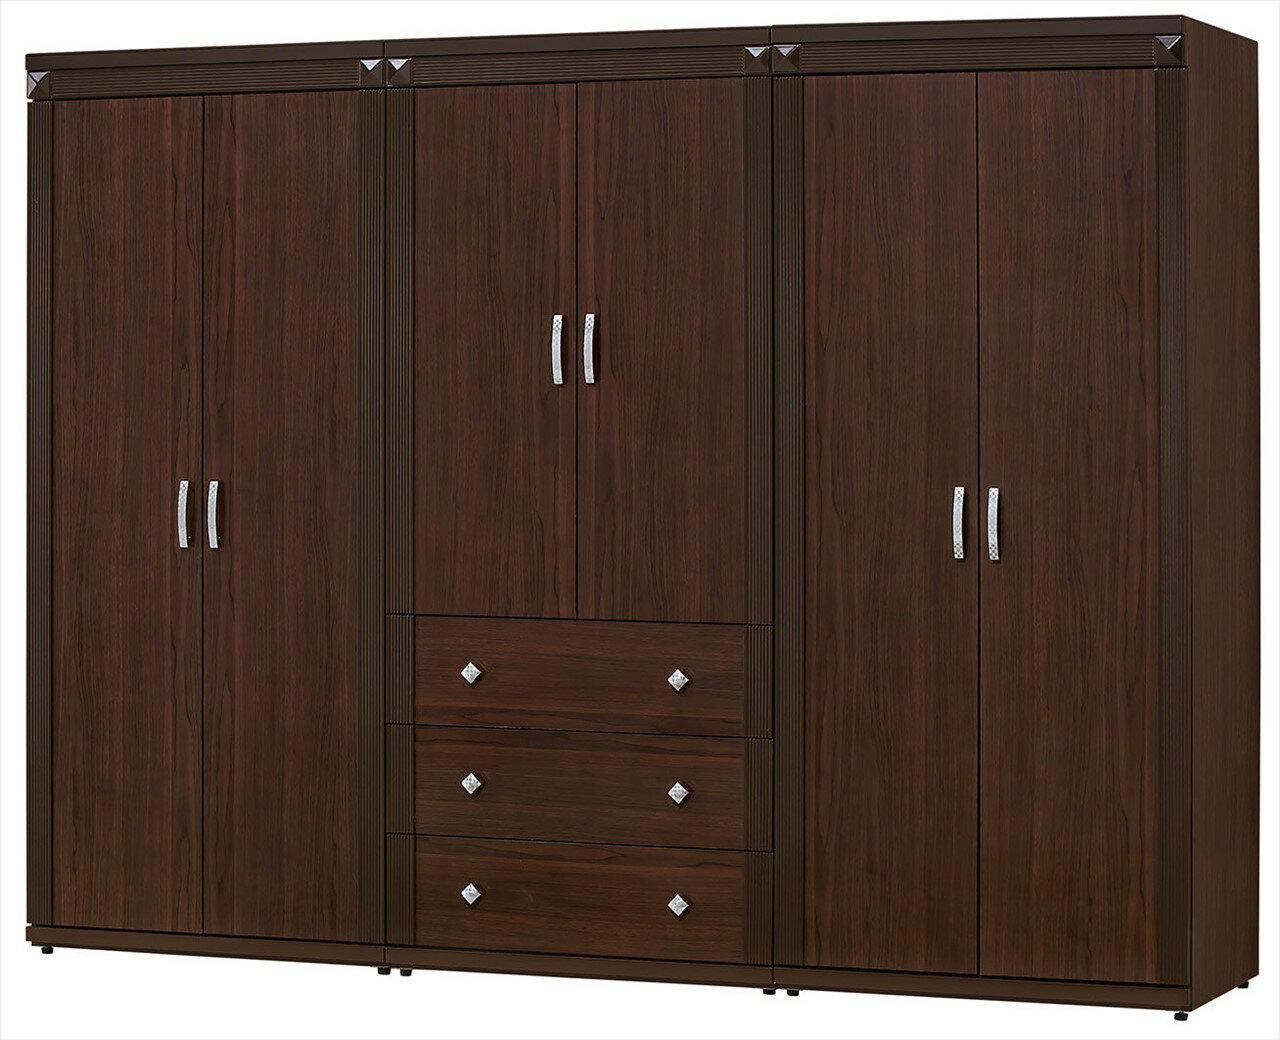 【石川家居】CE-152-01 布雷克8尺衣櫥 (不含其他商品) 需搭配車趟